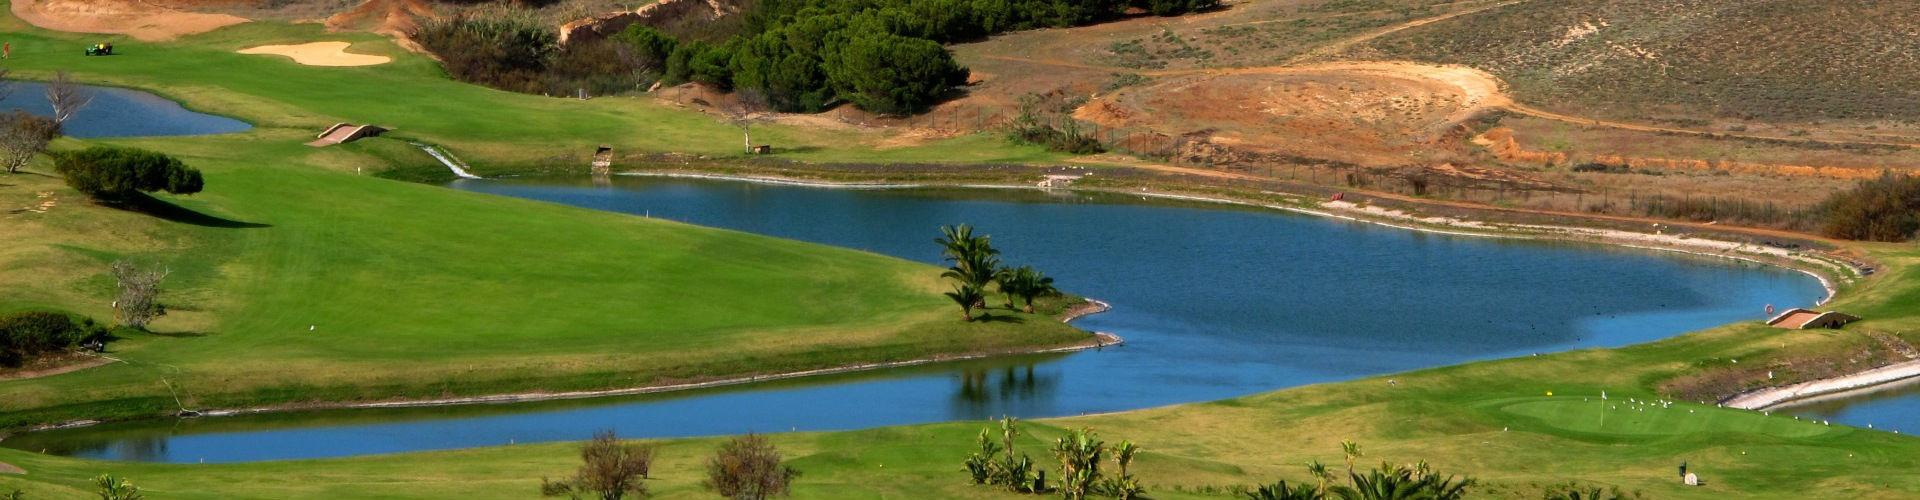 Golfresor Madeira - golfreseguiden.se